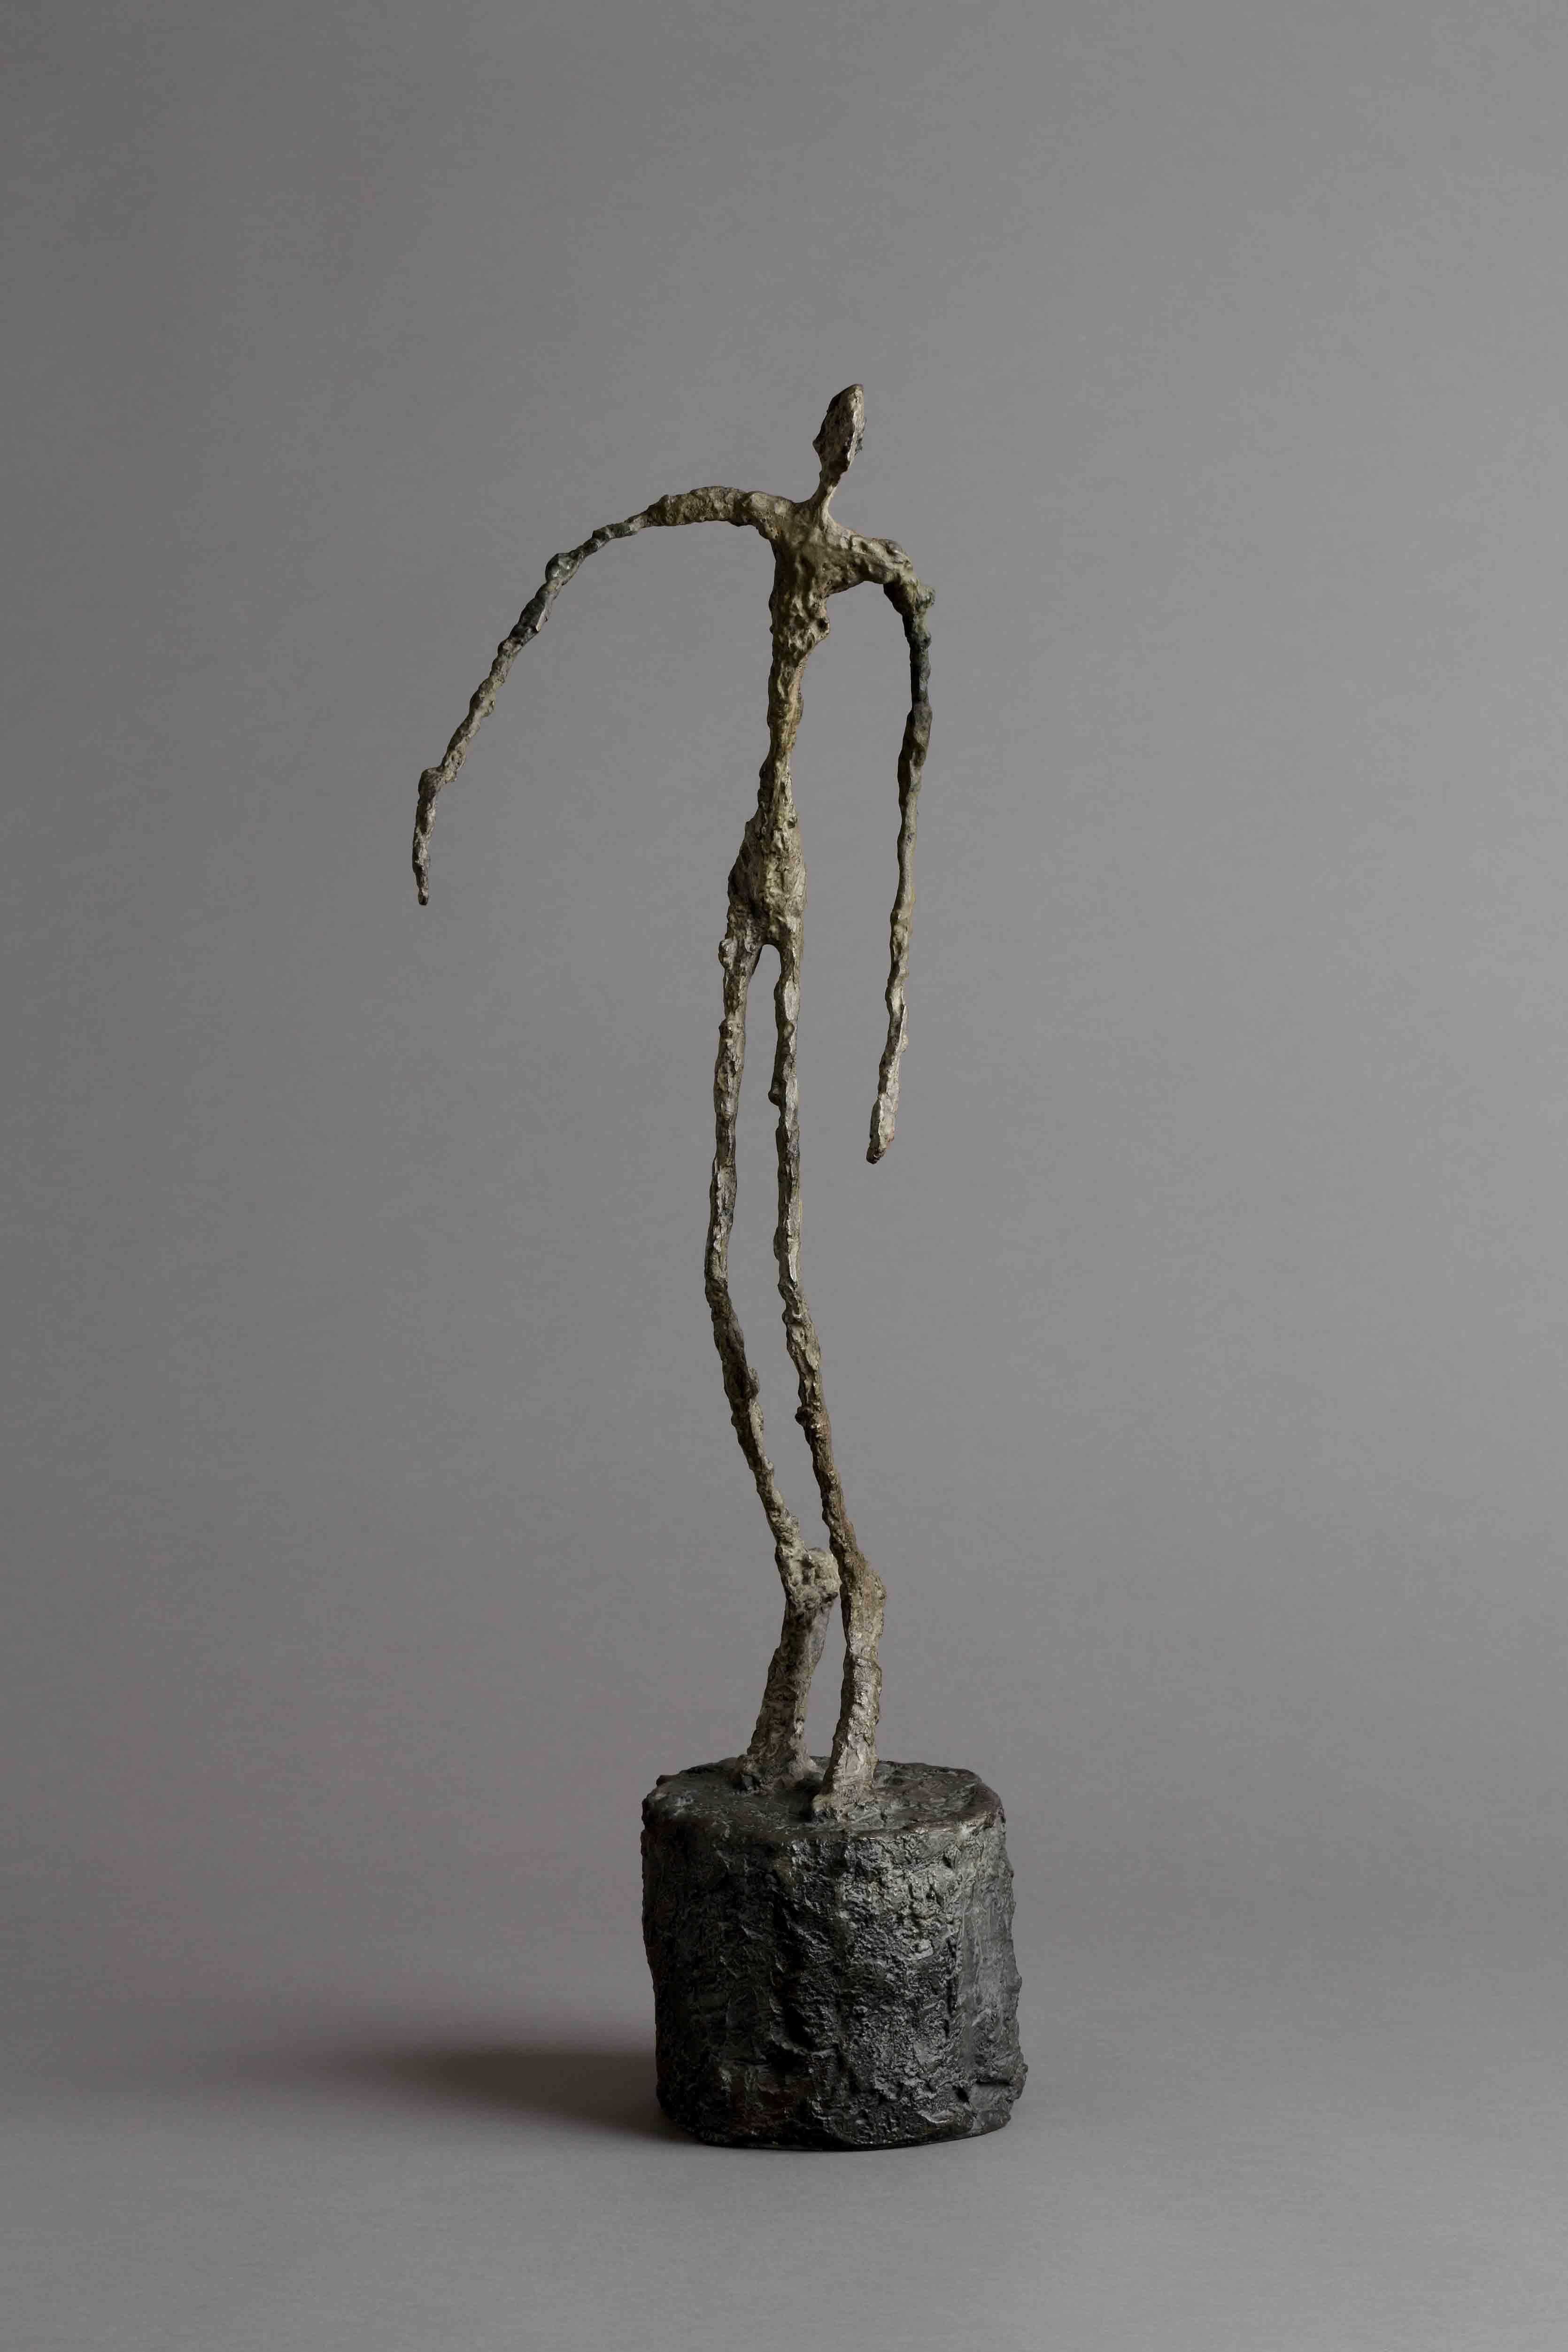 Alberto Giacometti, L'homme qui chavire, 1950.